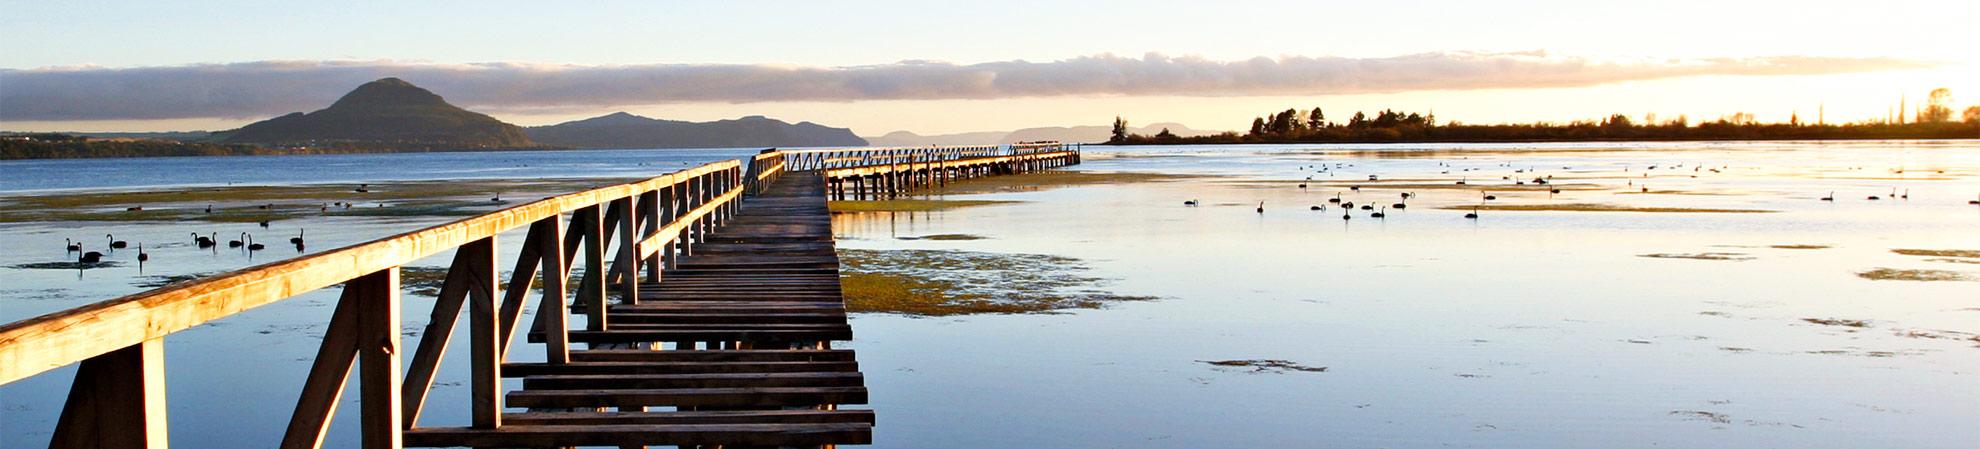 Croisière sur le Lac Taupo